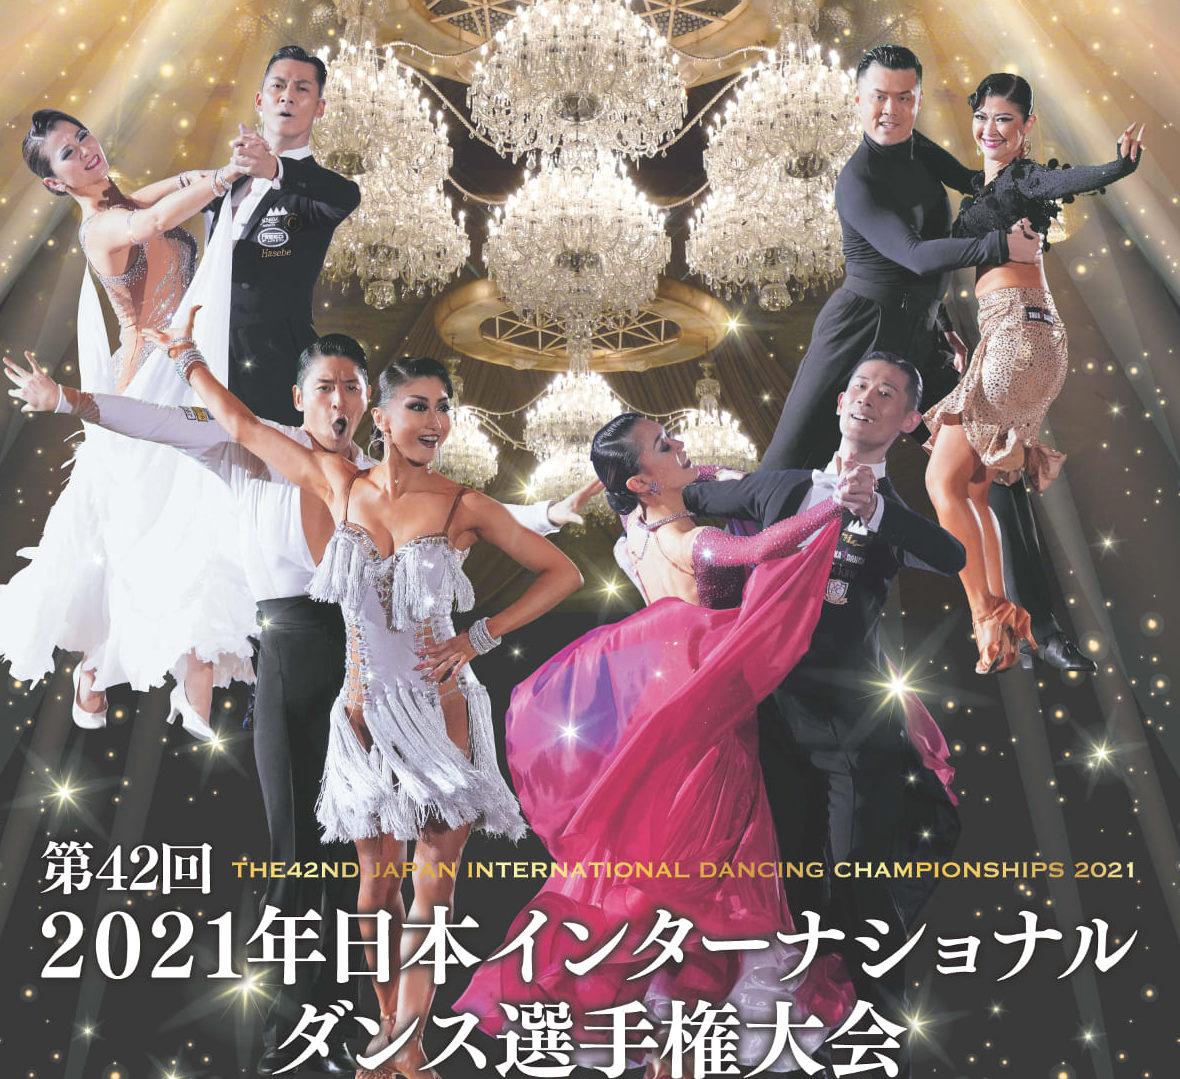 2021年 日本インターナショナルダンス選手権大会 グランドプリンスホテル新高輪 飛天 結果